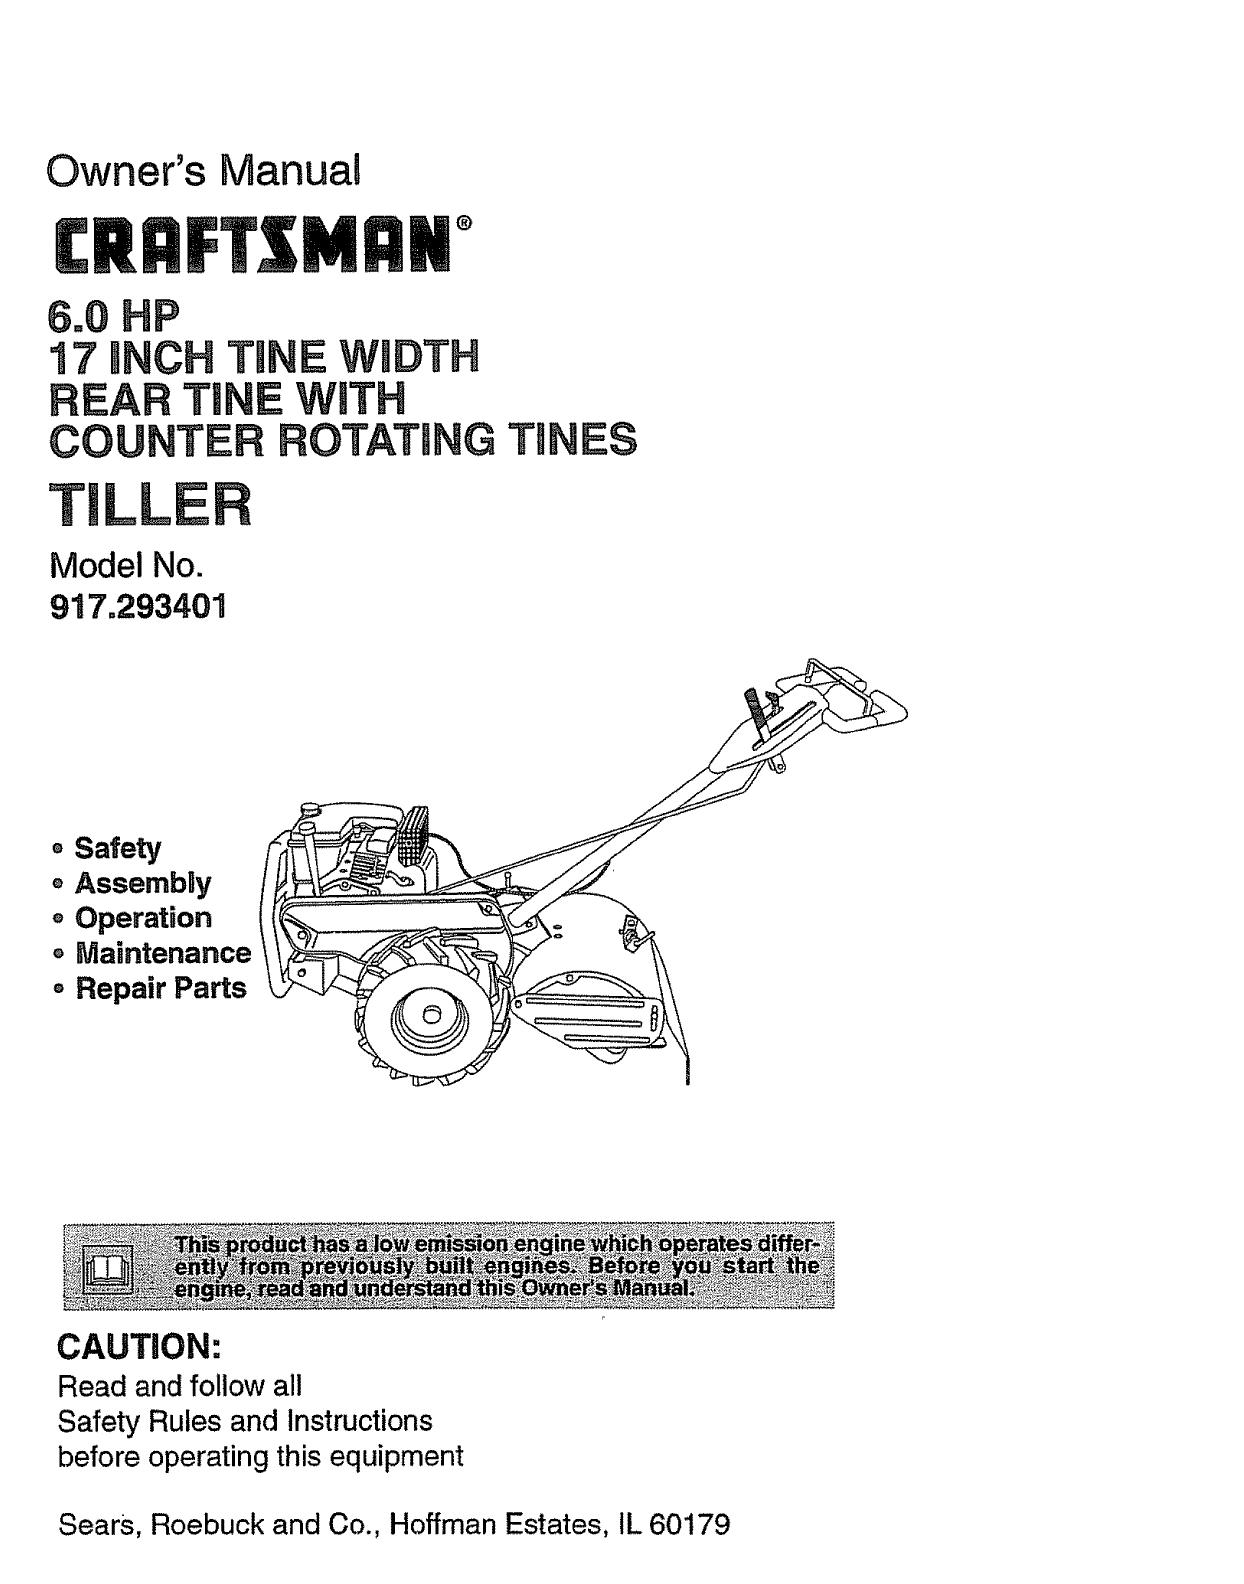 Craftsman 917293401 User Manual Rear Tine Tiller Manuals And